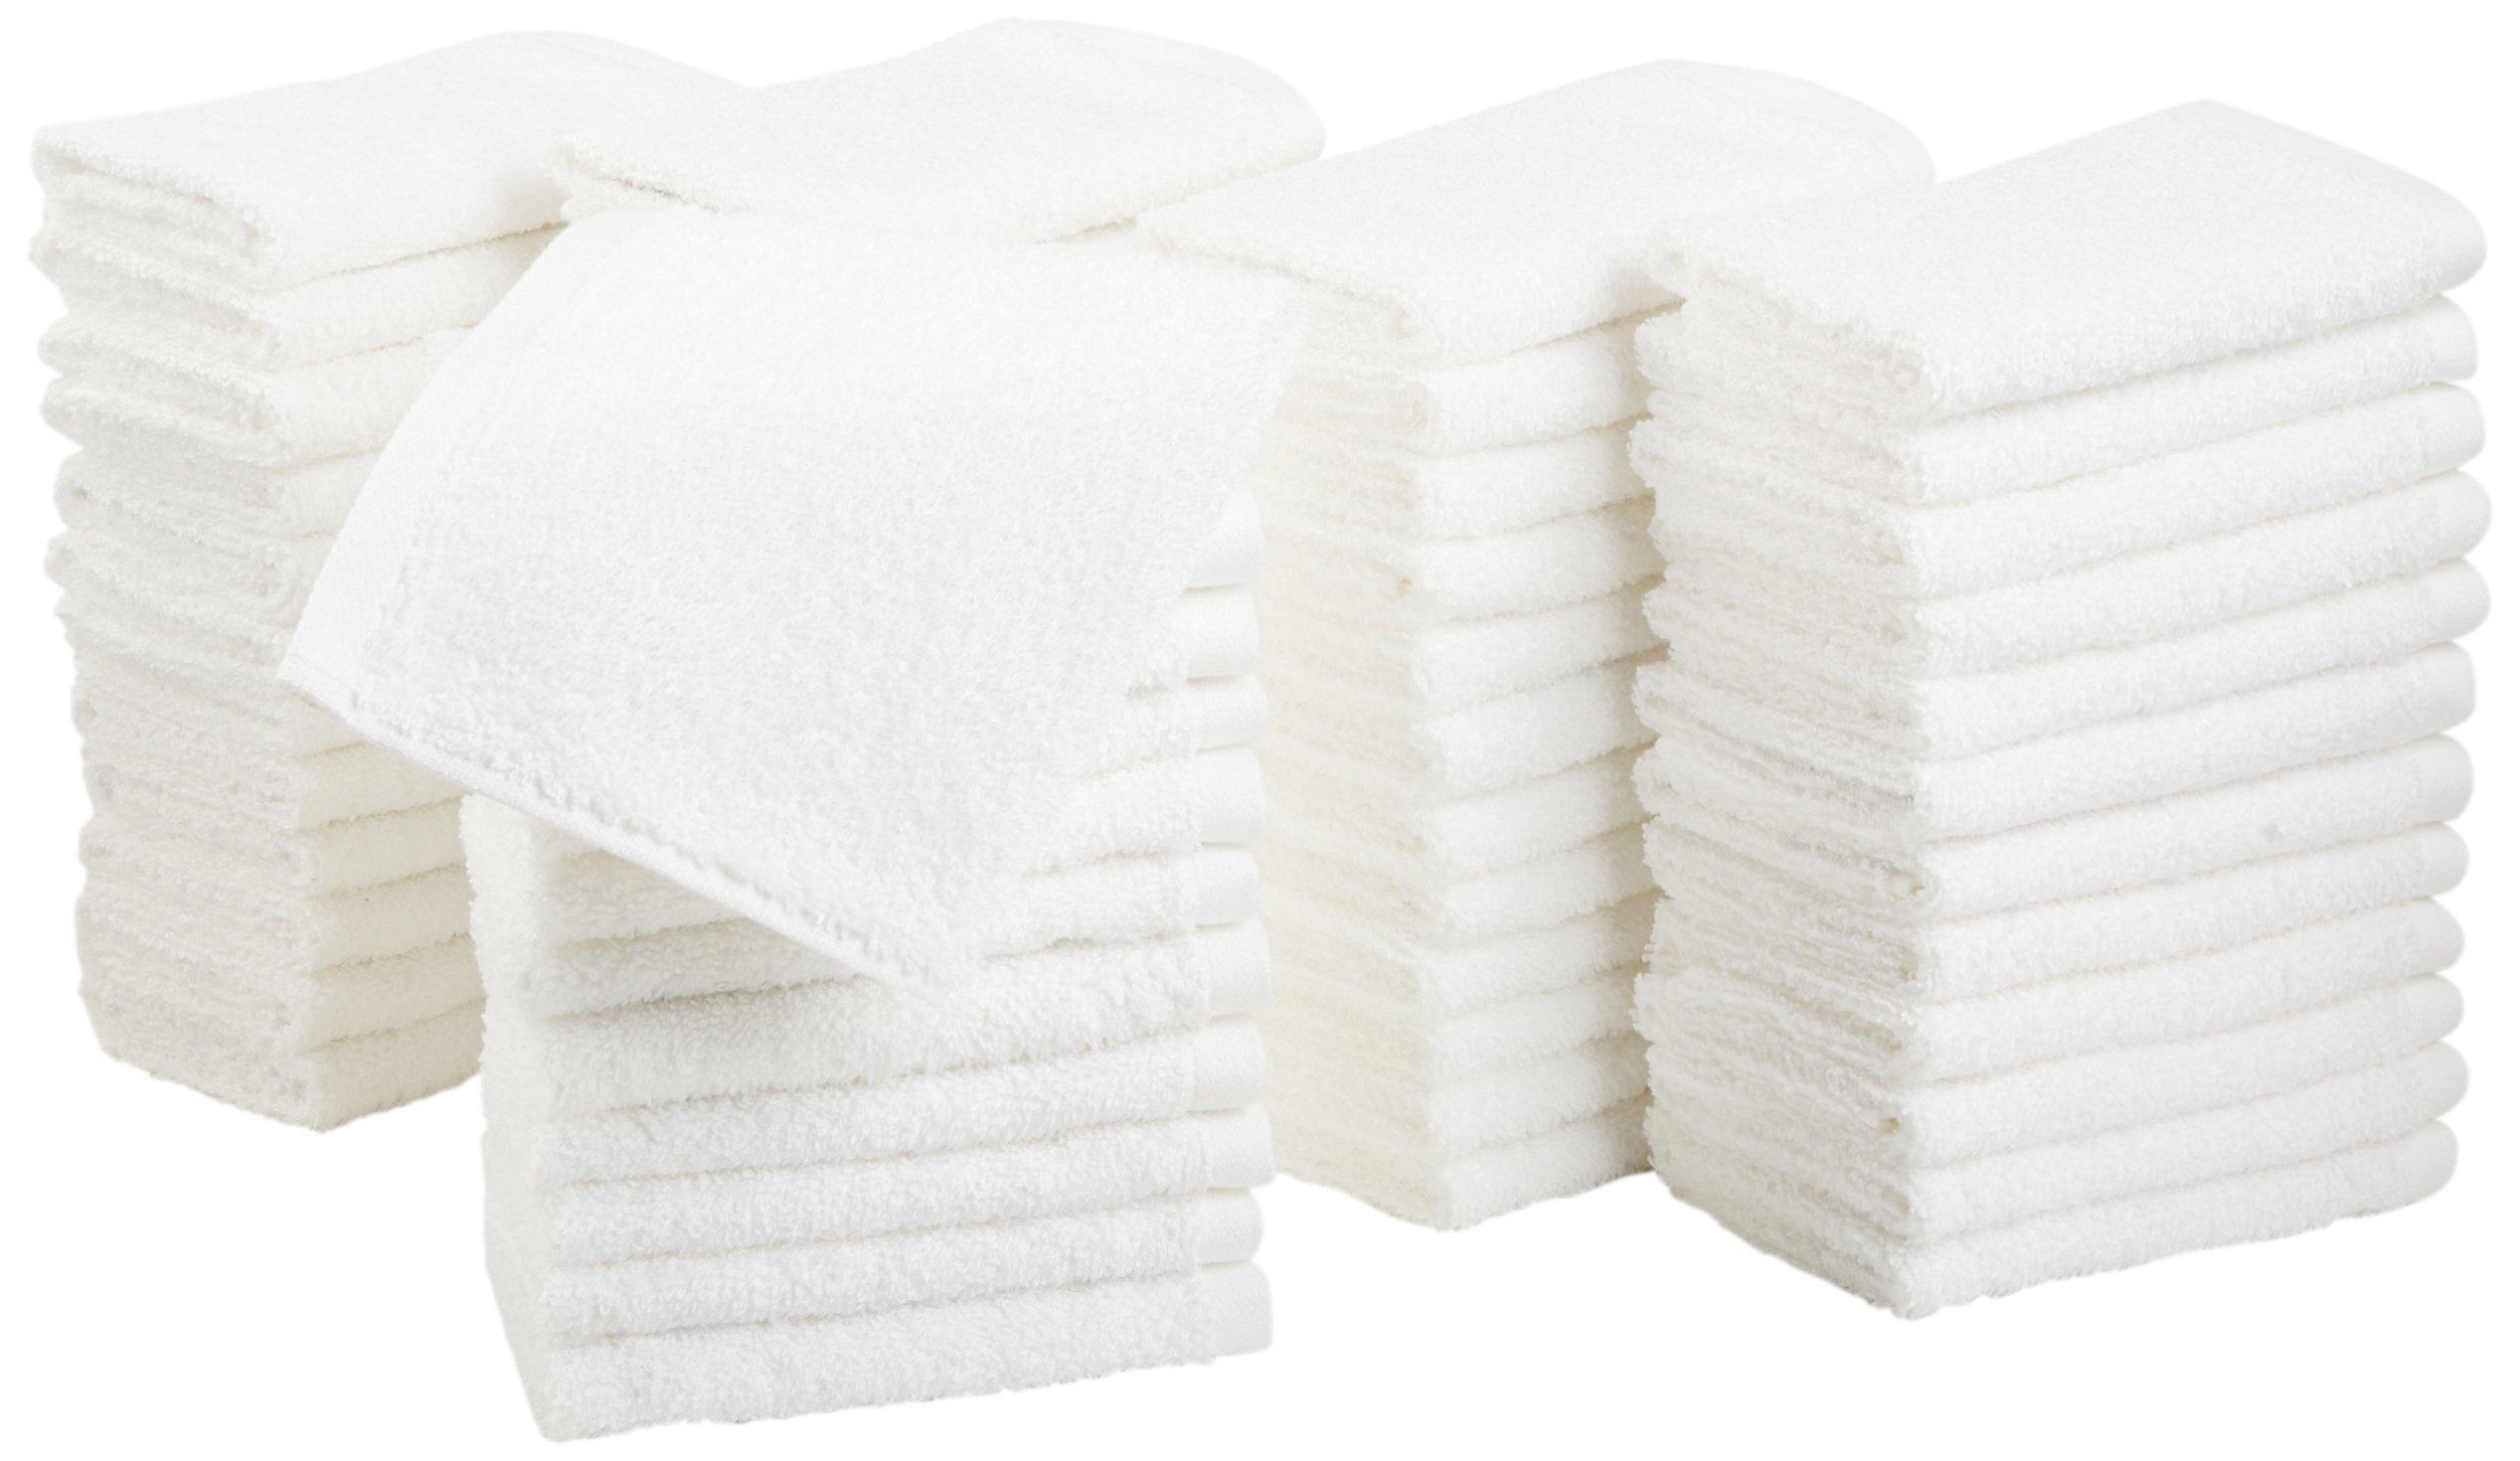 AmazonBasics Cotton Washcloths - Pack of 60, White by AmazonBasics